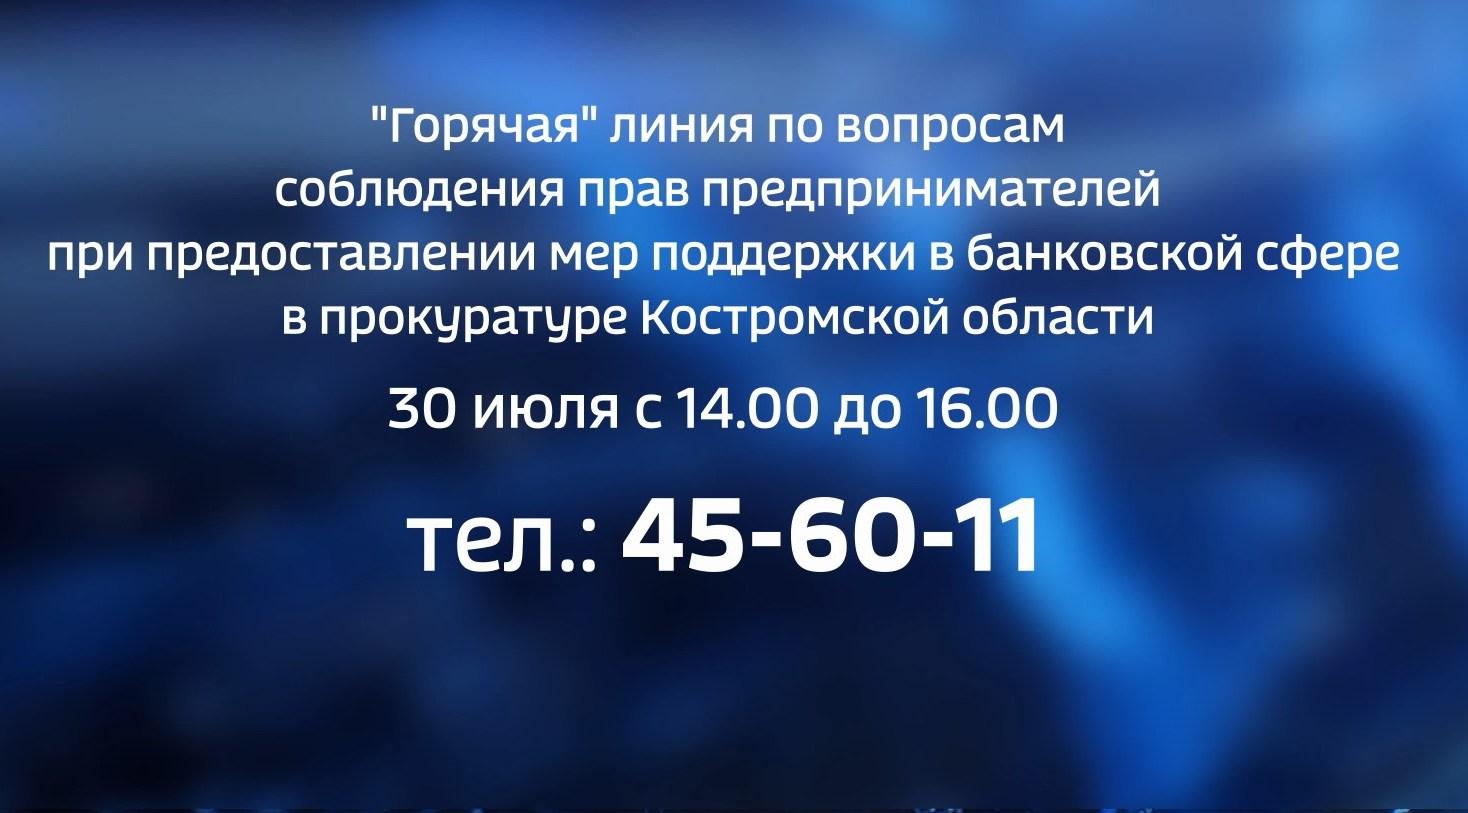 Жалоб предпринимателей на банкиров ждут в костромской прокуратуре